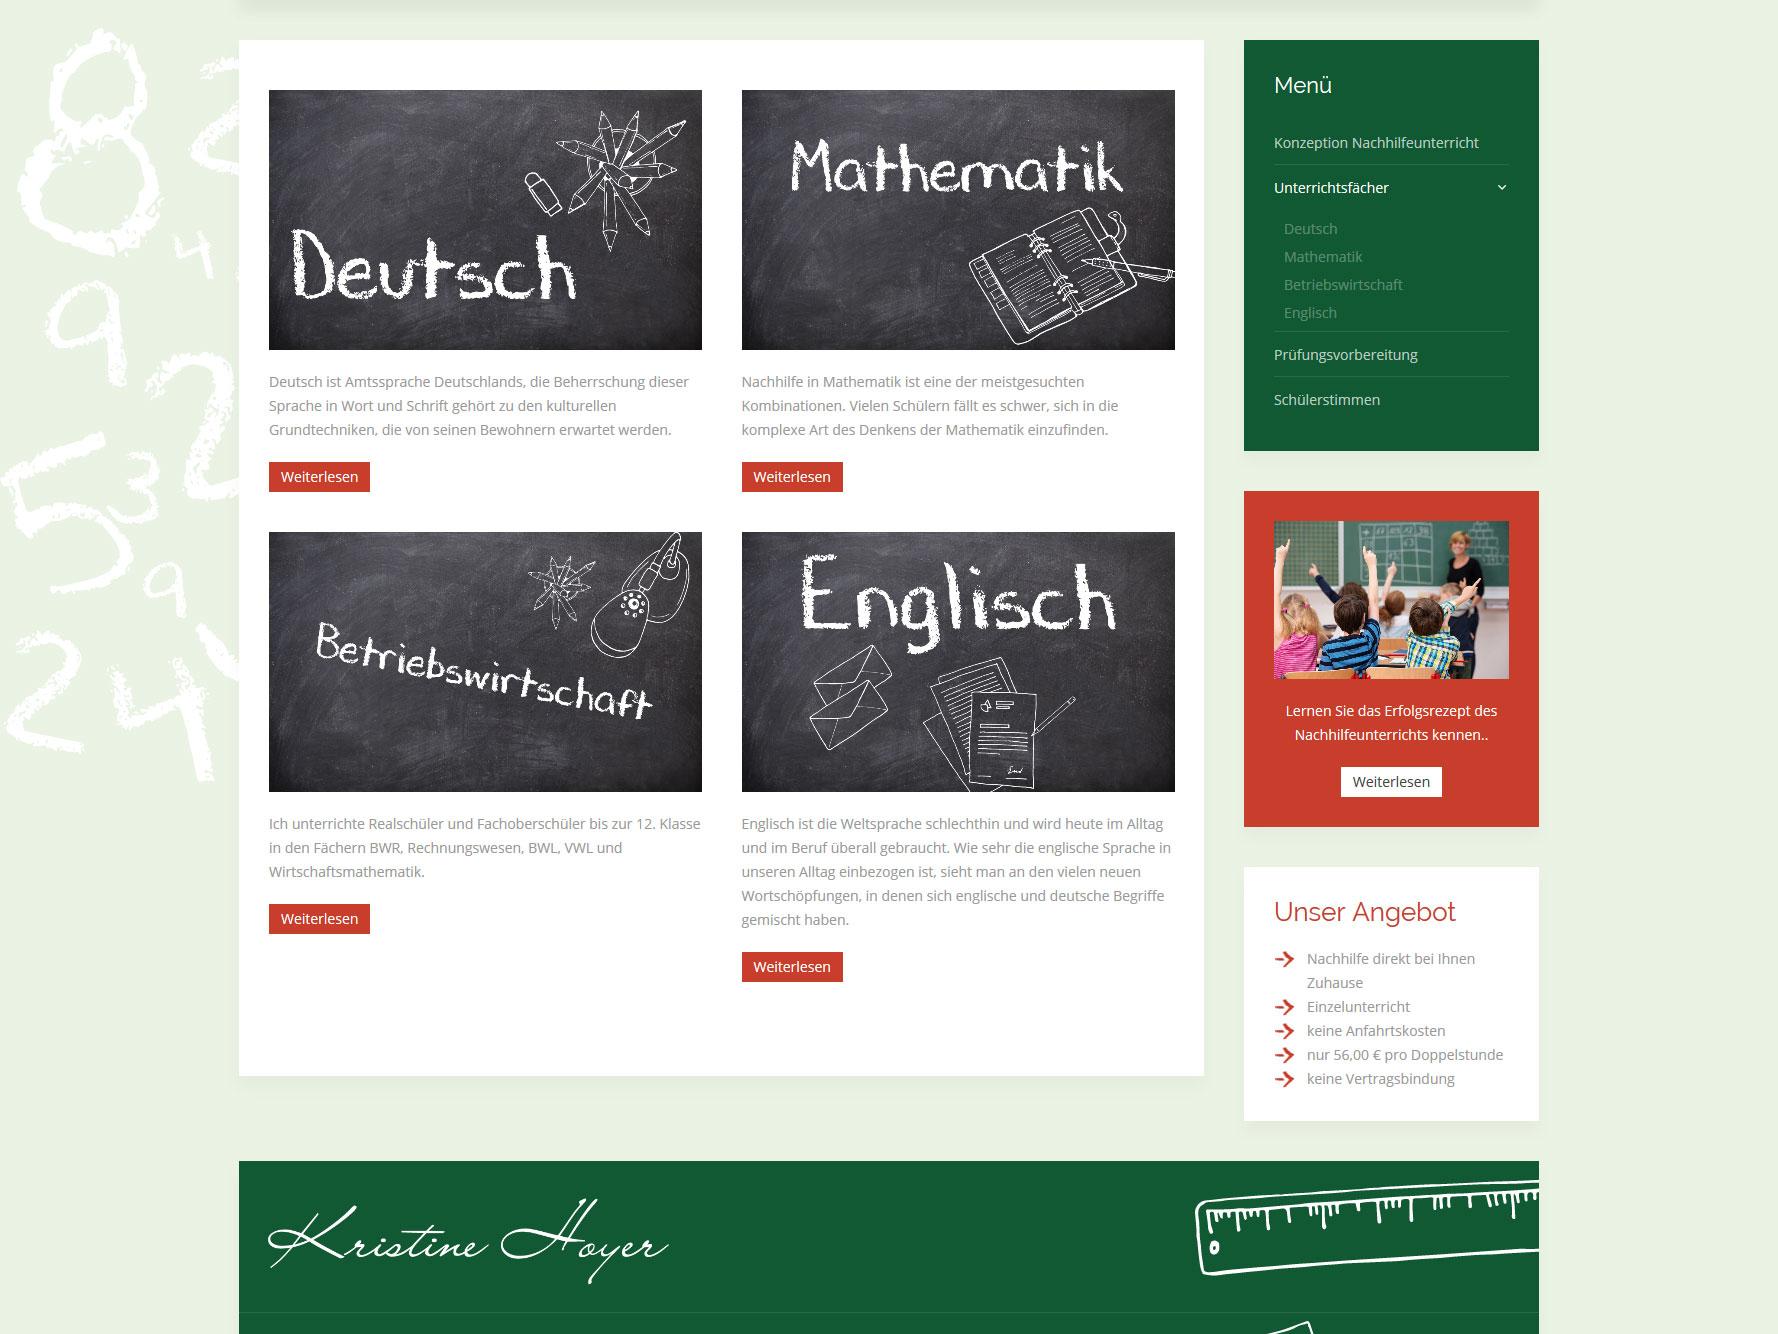 Nachhilfe Hoyer Kuschel Software Internetagentur